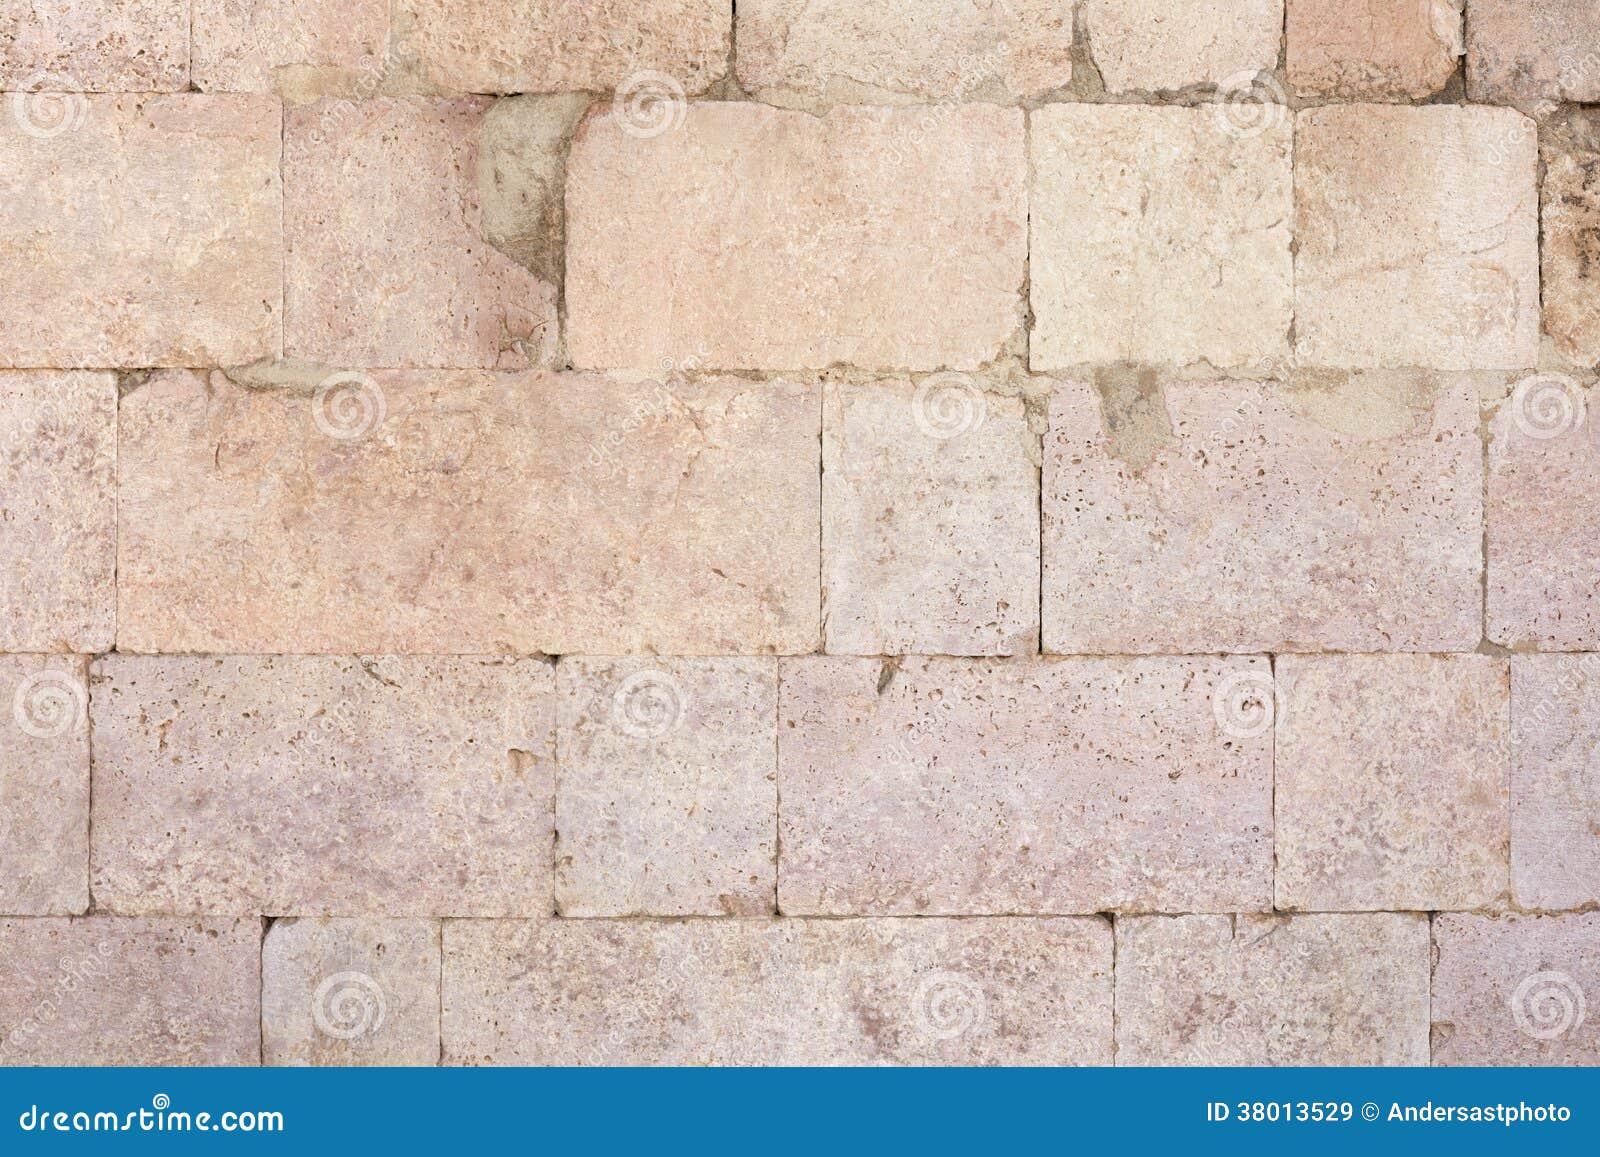 fond romain antique de texture de mur en pierre image stock image 38013529. Black Bedroom Furniture Sets. Home Design Ideas